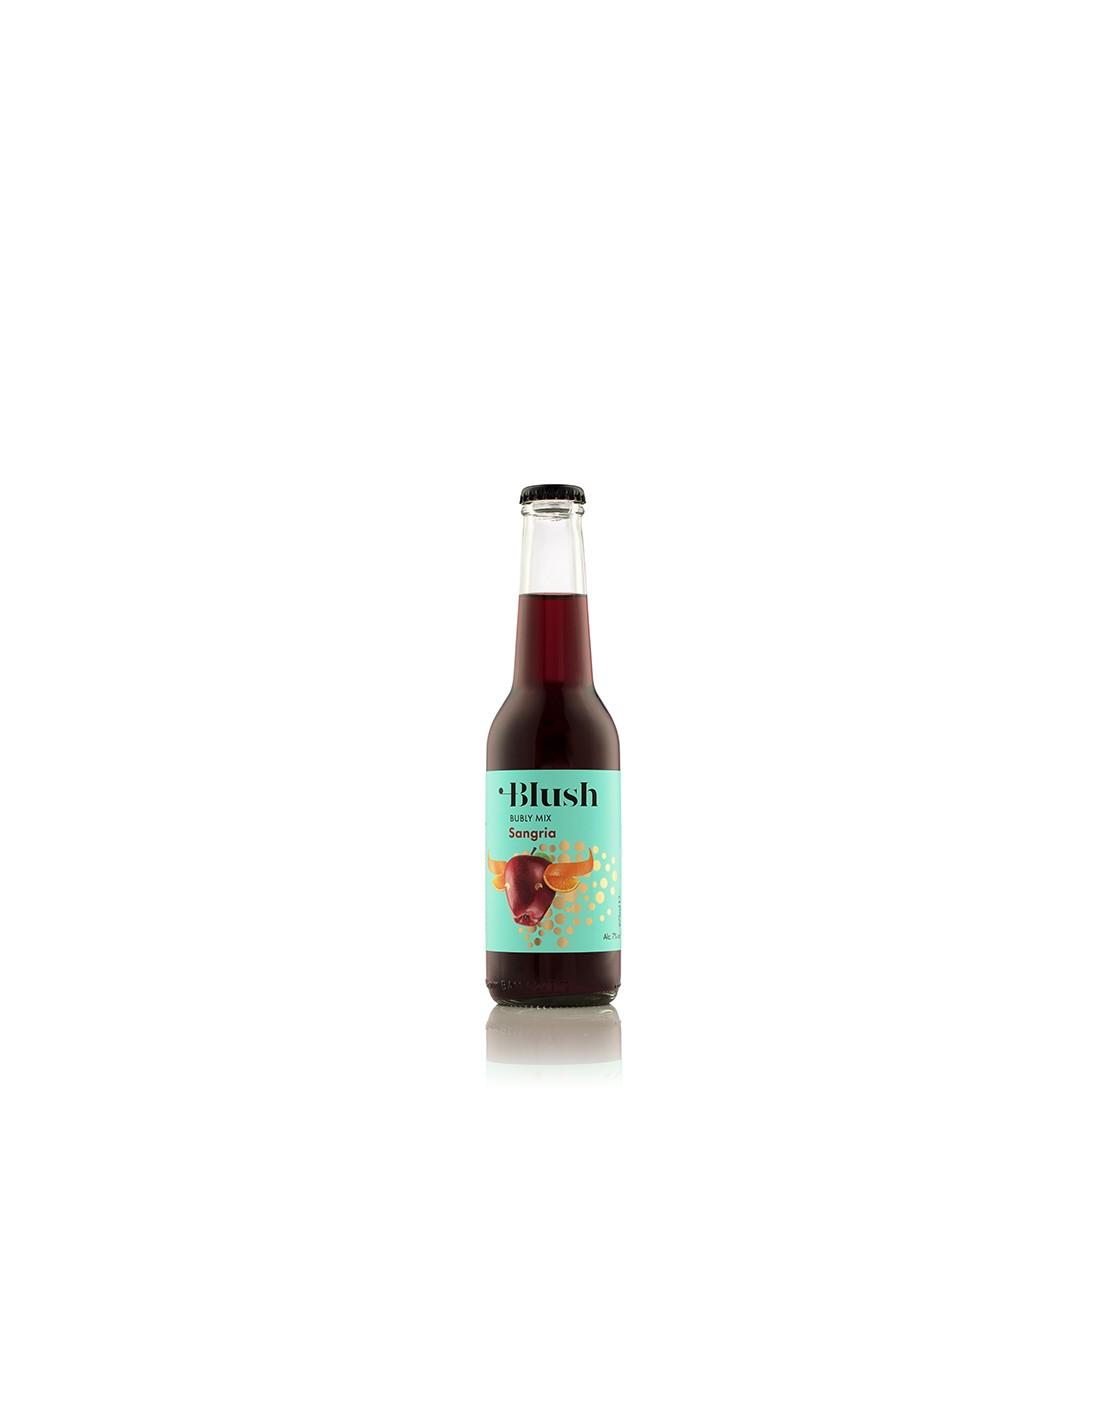 Cocktail rosu demidulce, Blush Sangria, Ciumbrud, 7% alc., 0.275L, Romania